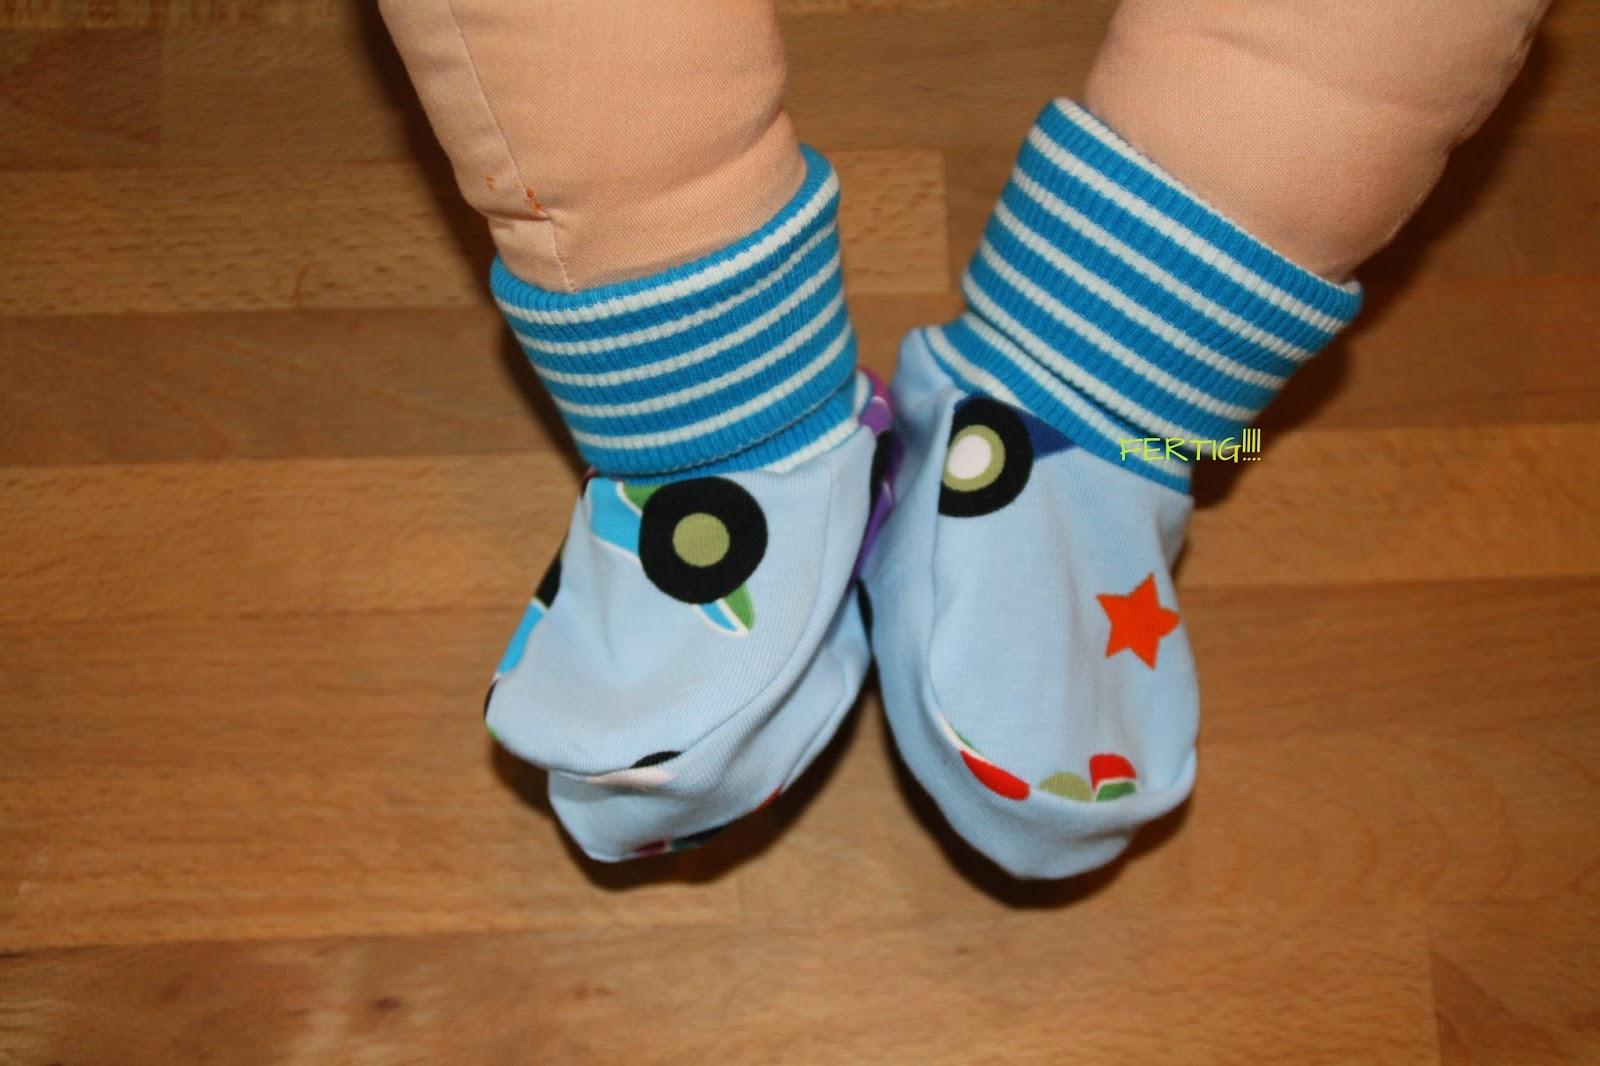 MargaretesHandmadeBox: Baby Schuhe 365 Tage Sew Along